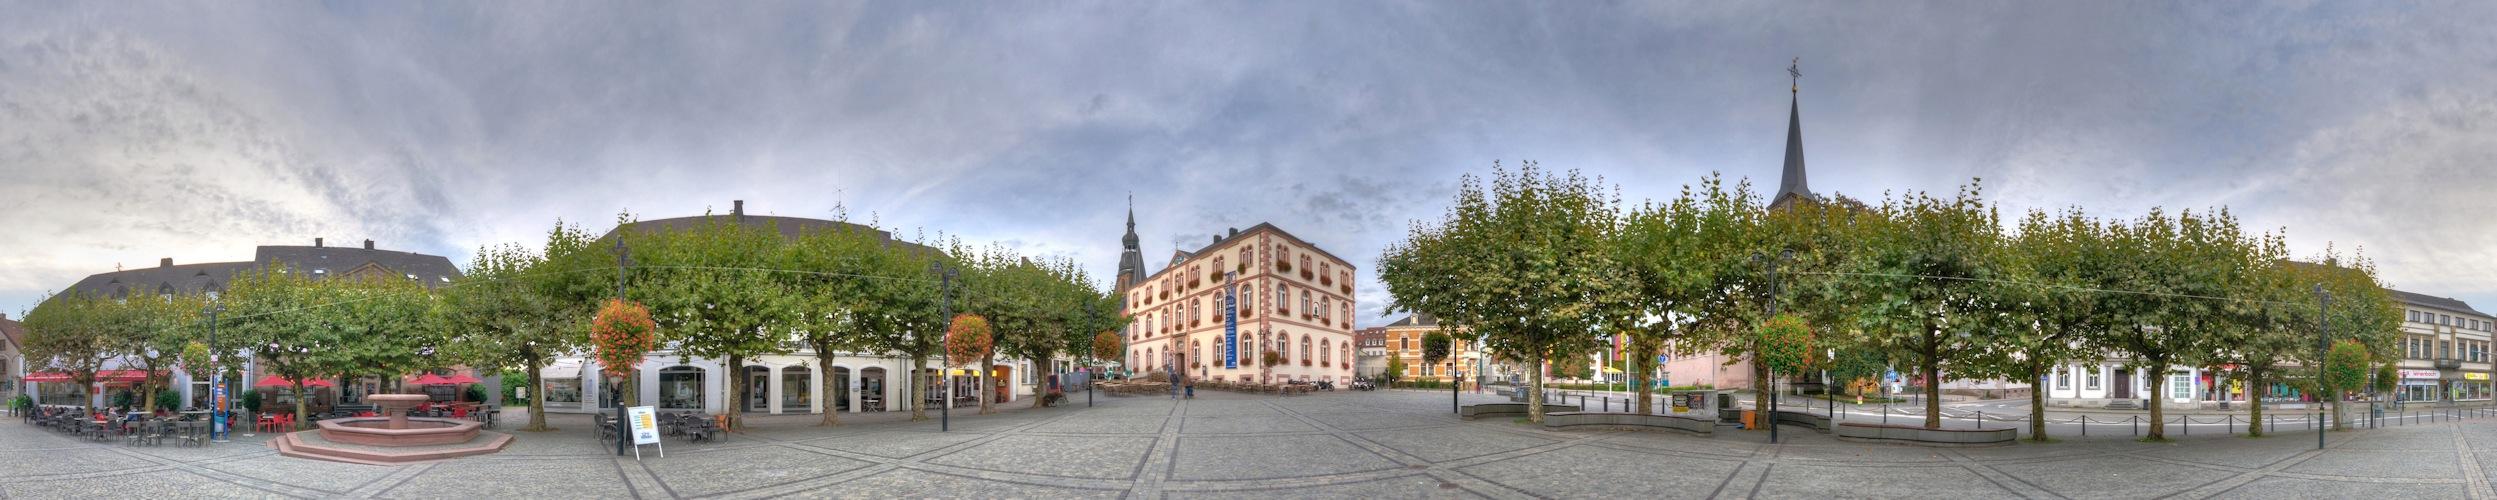 Schlossplatz 360°